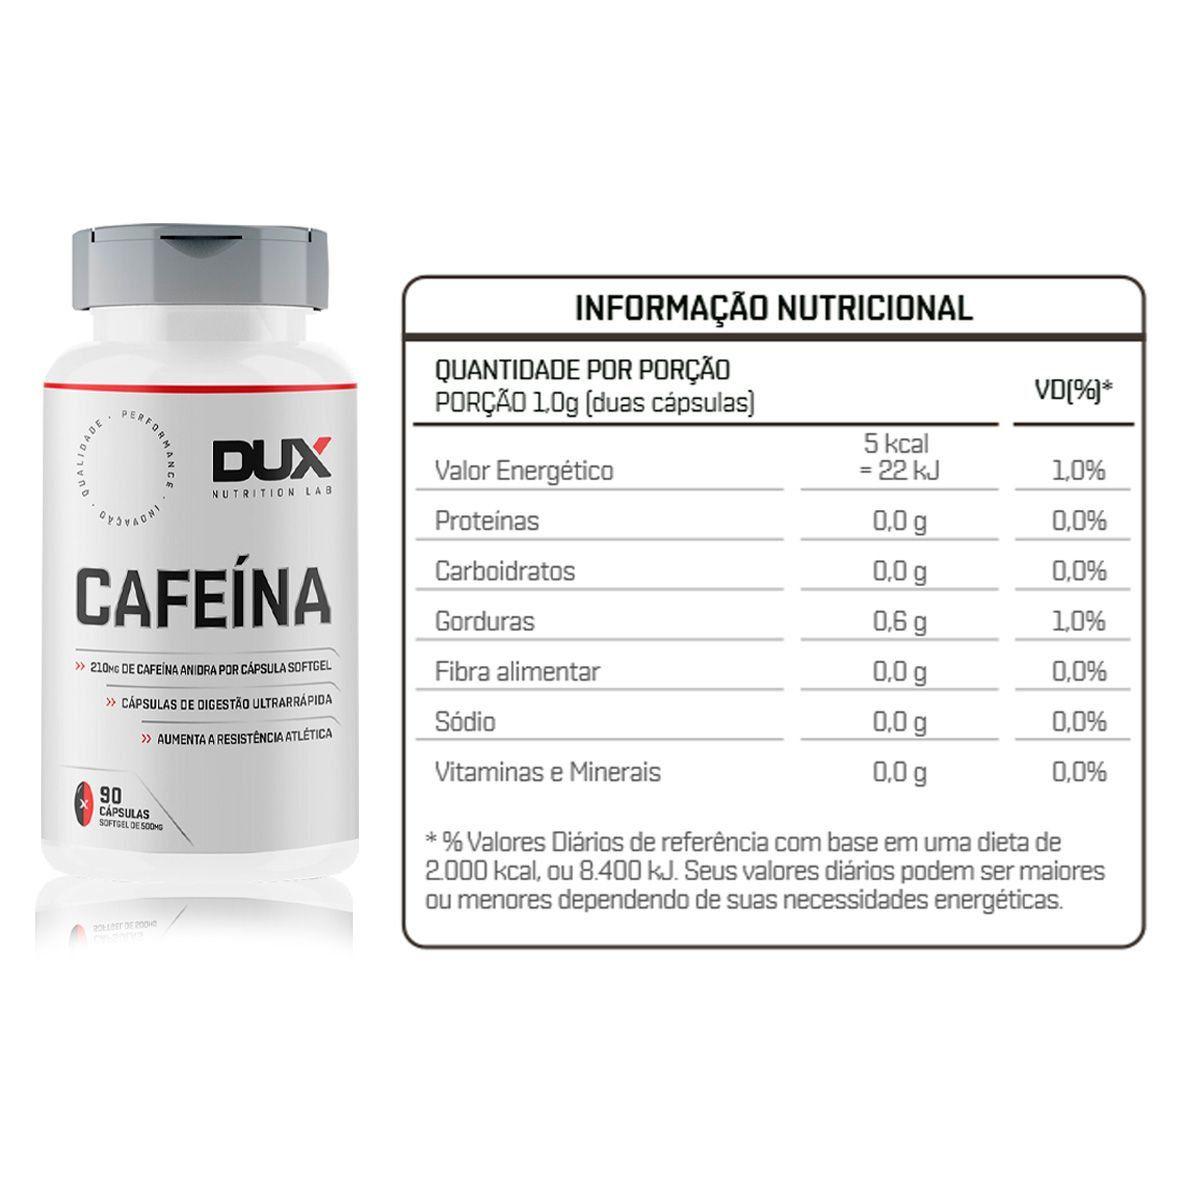 Cafeína 90 Caps - Dux Nutrition